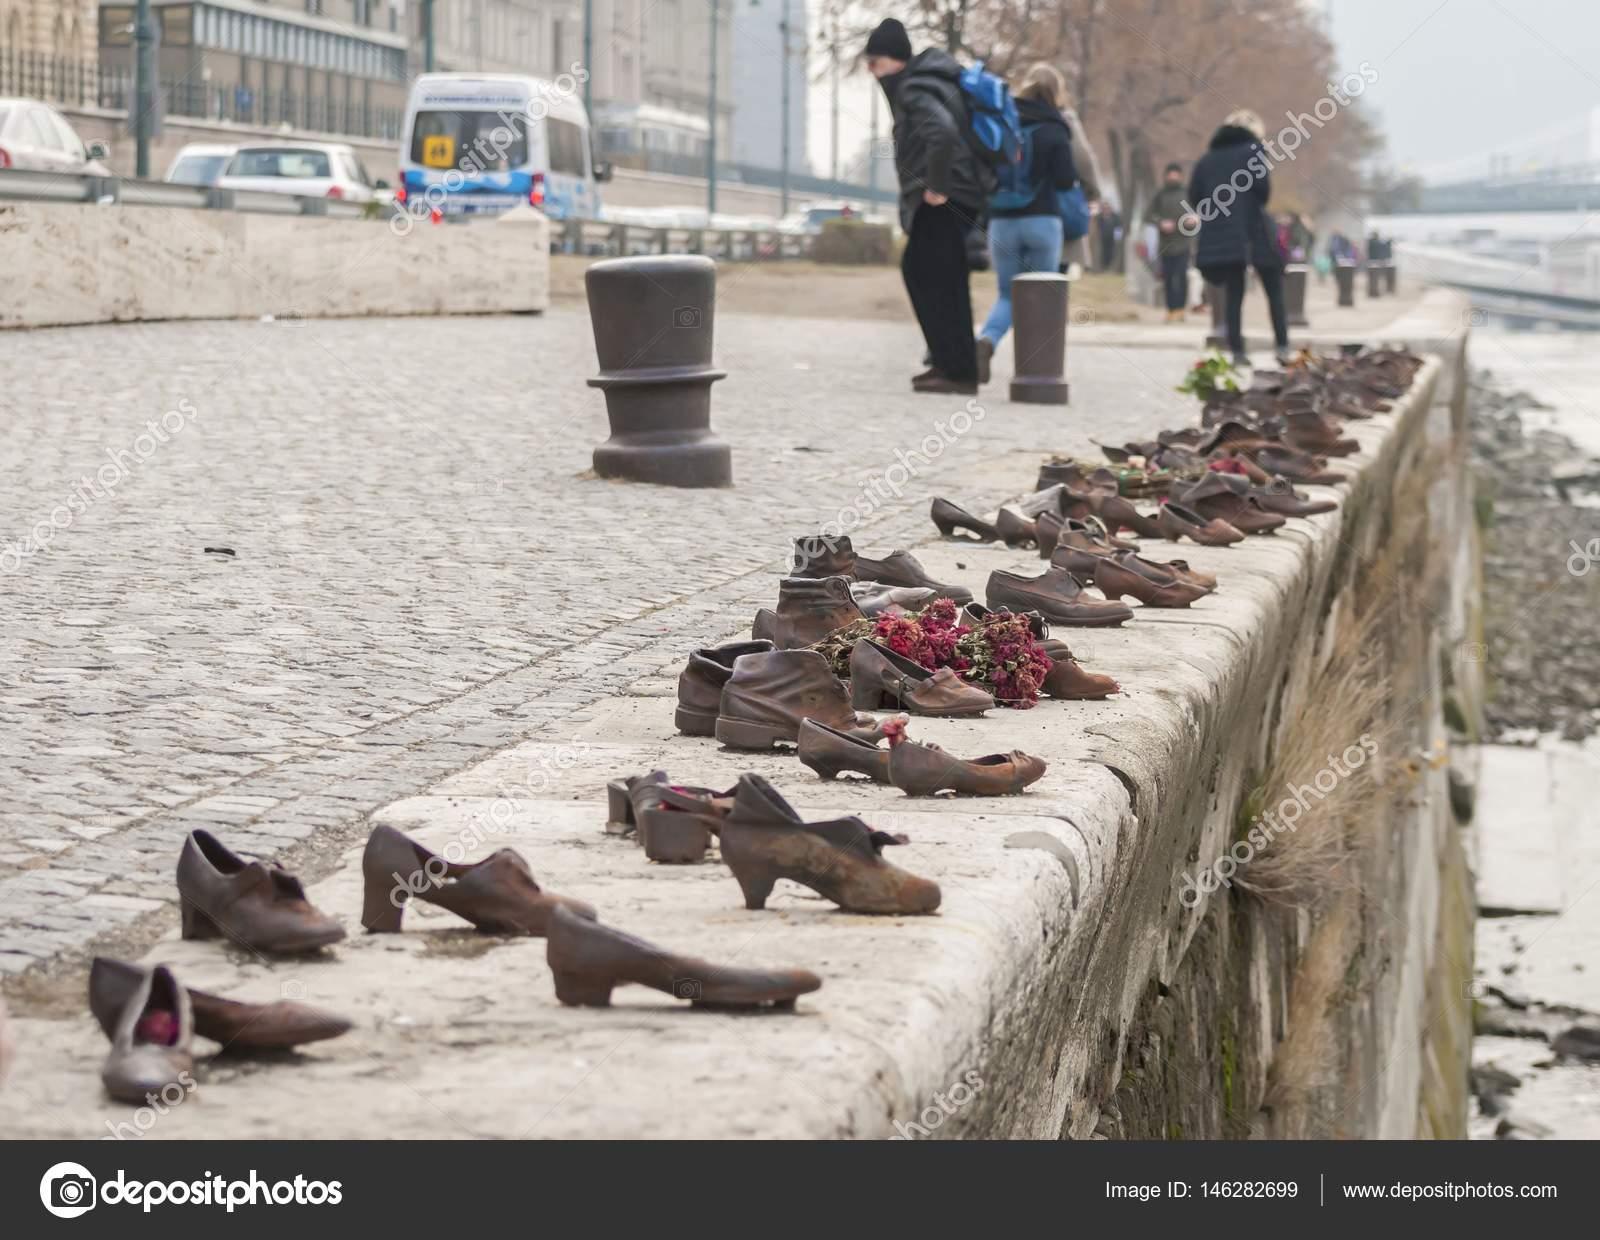 0a888310d12 ... στο χώρο περιπάτου του ποταμού Δούναβη στη μνήμη του ουγγρικούς  Εβραίους εδώ σκοτώθηκε στη διάρκεια του Ολοκαυτώματος. Στόκ εικόνων —  Εικόνα ...